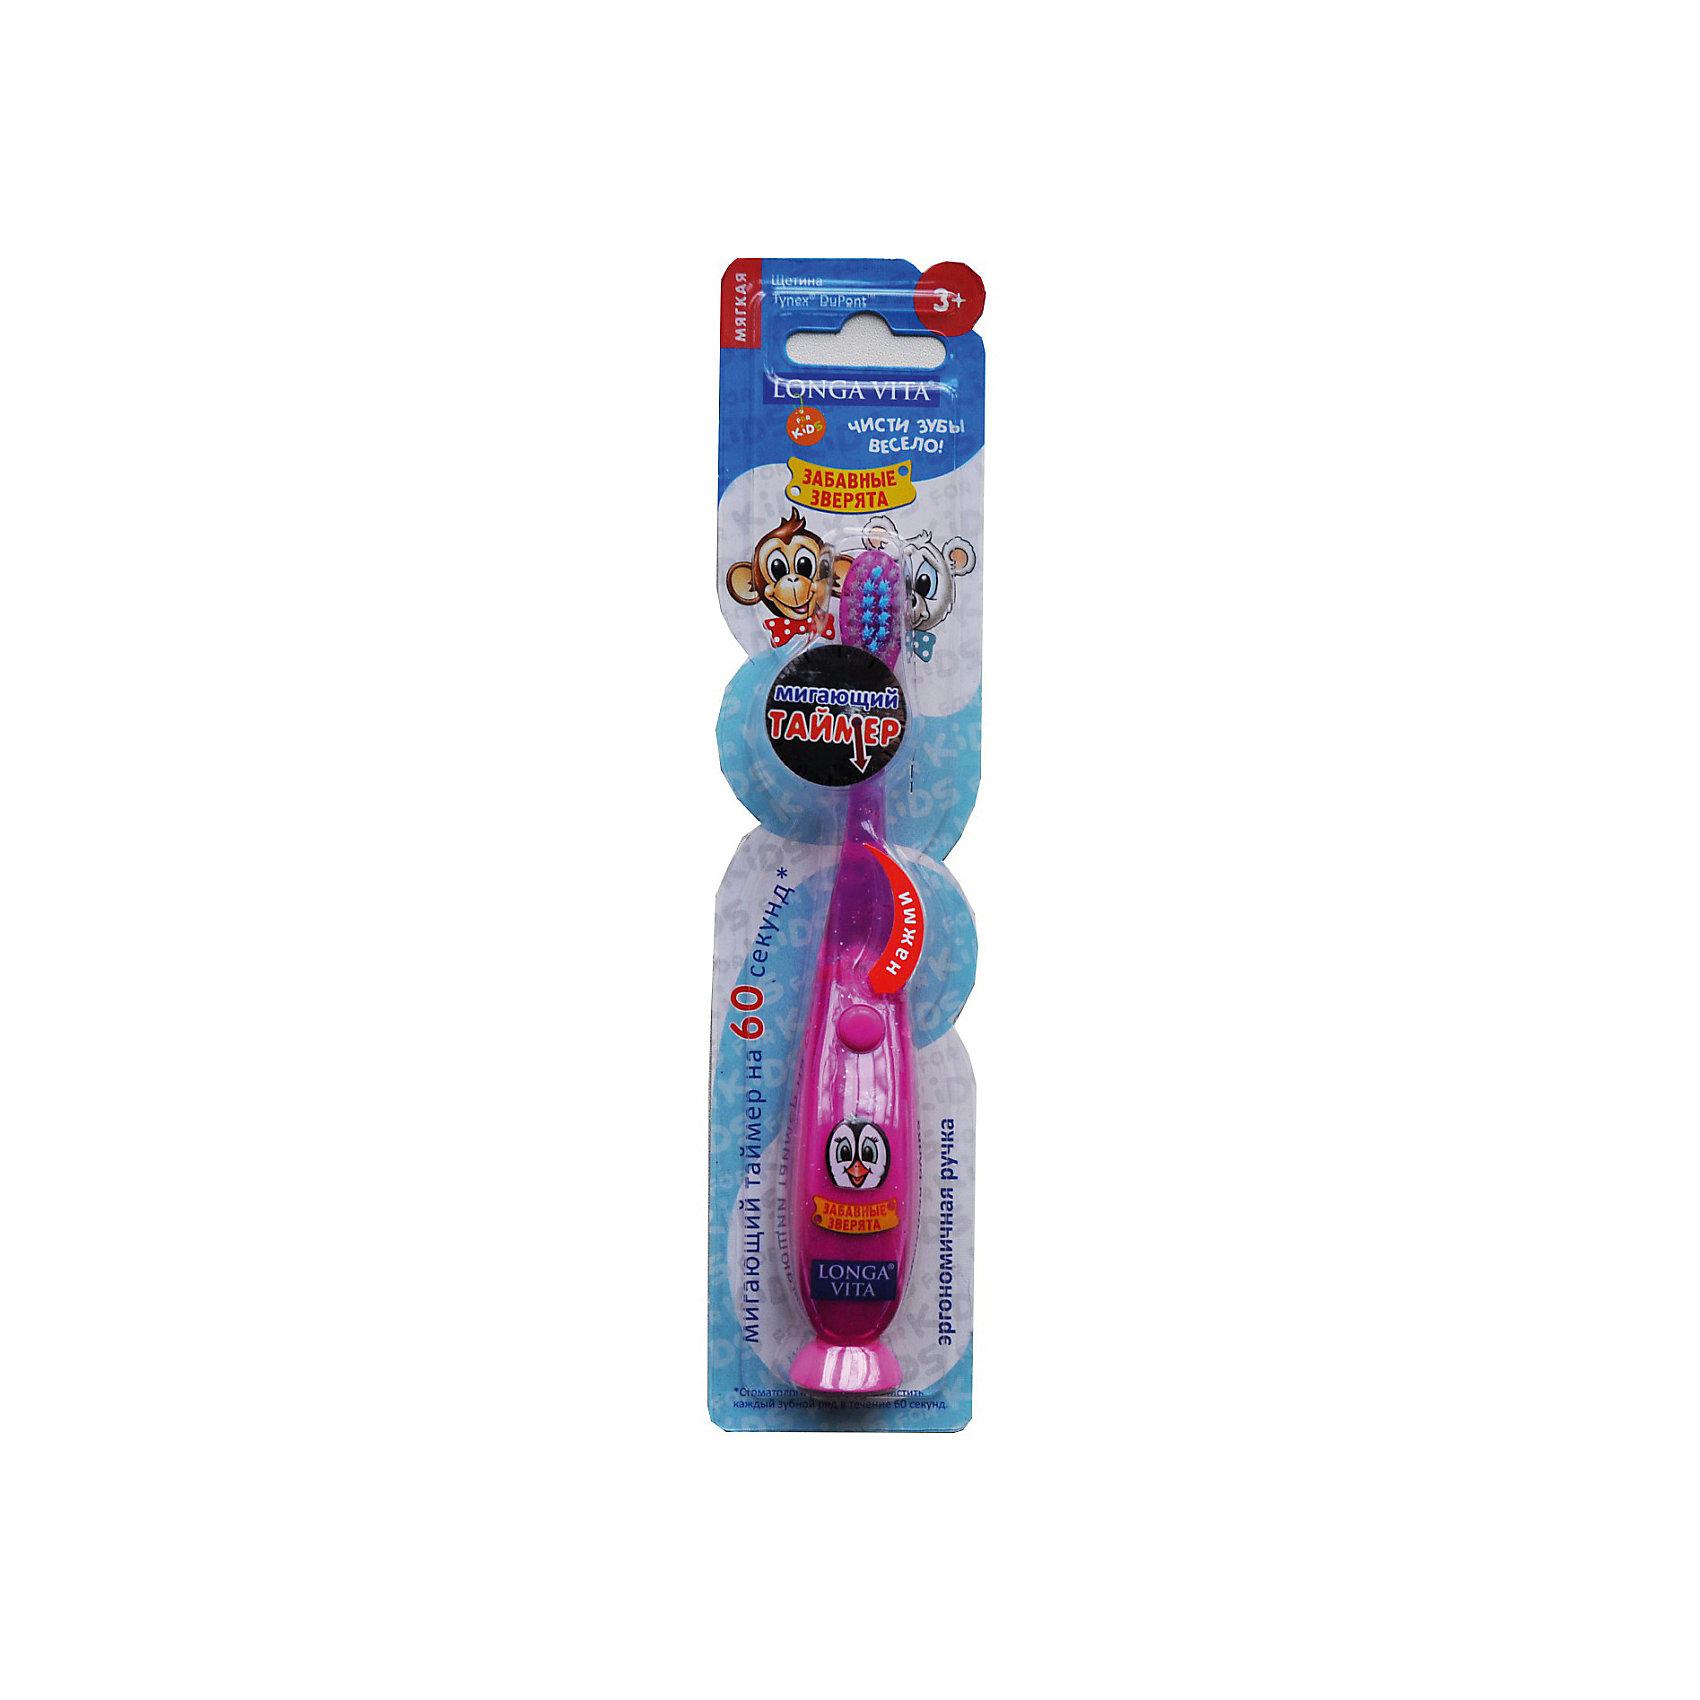 Мигающая зубная щётка на присоске Забавные зверята, 3-6 лет LONGA VITA, розовый пингвинХарактеристика: <br><br>- Возраст: от 3 до 6 лет.<br>- Орнамент: розовый пингвин.<br>- Материал: пластик, щетина.<br>- Световой таймер,<br>- противоскользящая поверхность ручки, <br>- силовой выступ для большого пальца, <br>- цветовое поле щетины для оптимального дозирования пасты,<br>- Присоска-подставка.<br><br>Такая яркая и удобная щетка создана специально для детей от 3 лет.<br>Она поможет привить детям навык чистки зубов, а небольшая чистящая головка и удобная ручка способствуют бережному и безопасному уходу за зубами и дёснами.<br><br>Мигающую зубную щётку на присоске Забавные зверята от LONGA VITA, можно купить в нашем магазине.<br><br>Ширина мм: 160<br>Глубина мм: 20<br>Высота мм: 25<br>Вес г: 40<br>Возраст от месяцев: 36<br>Возраст до месяцев: 72<br>Пол: Женский<br>Возраст: Детский<br>SKU: 5244682